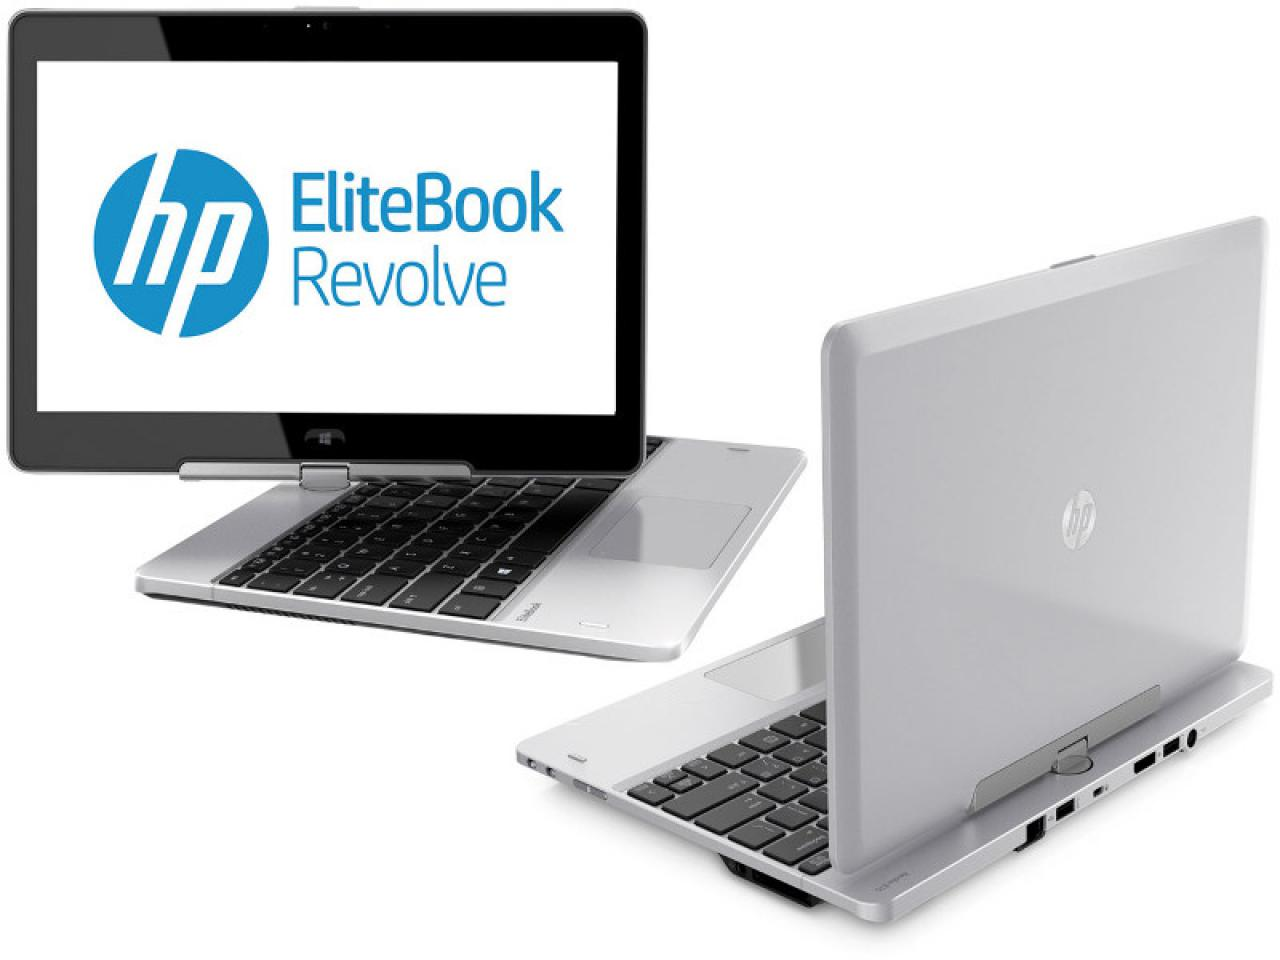 Hewlett Packard EliteBook Revolve 810 G2  - shop.bb-net.de